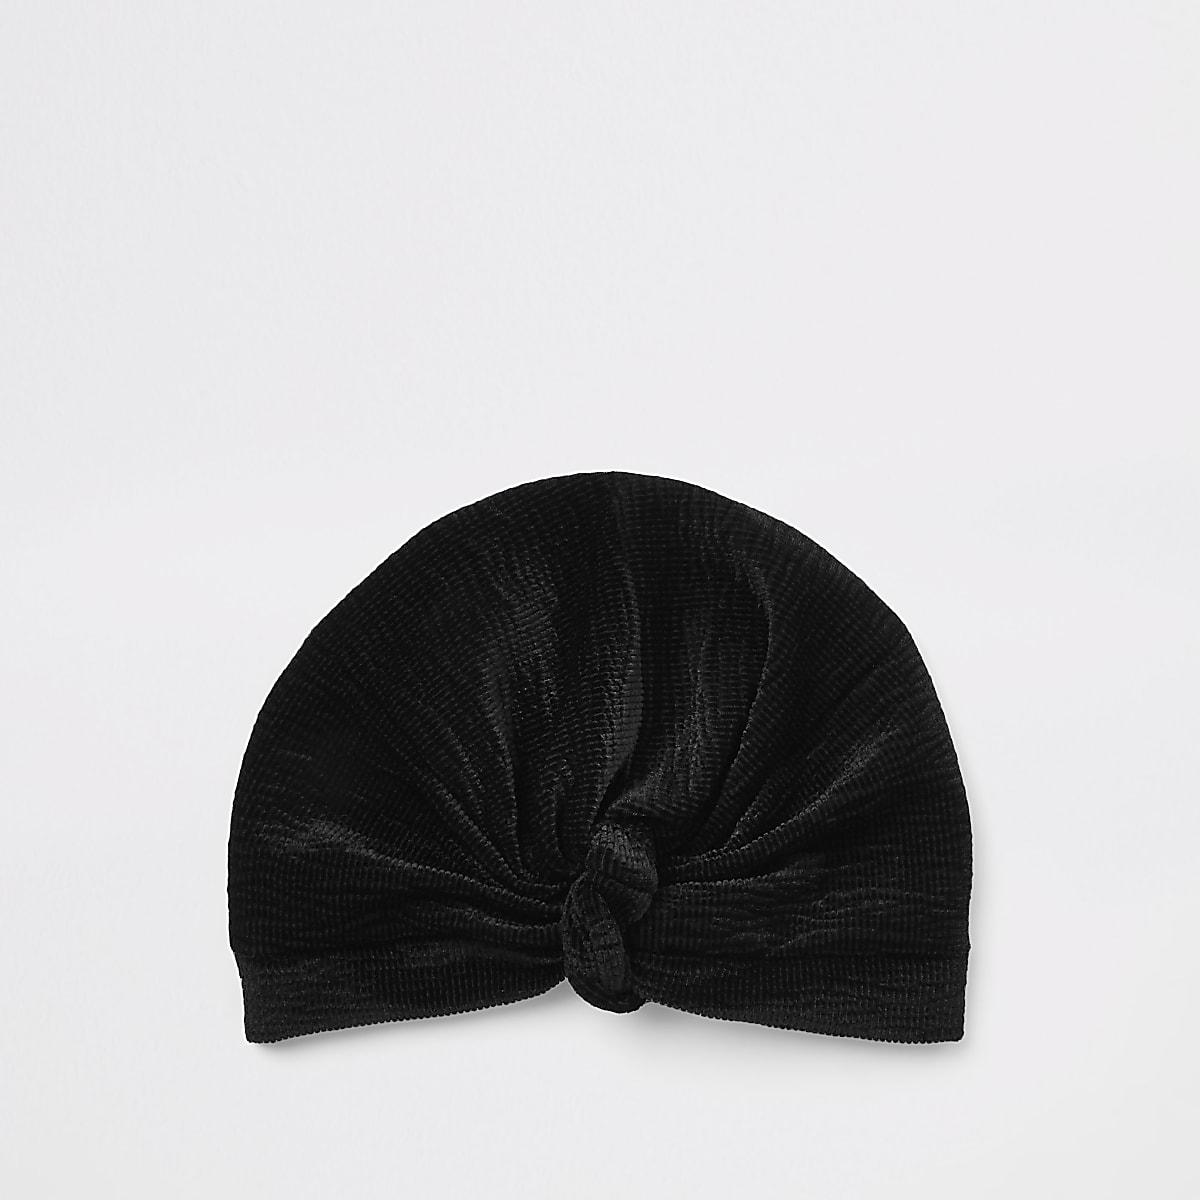 Black velvet plisse twist turban headband